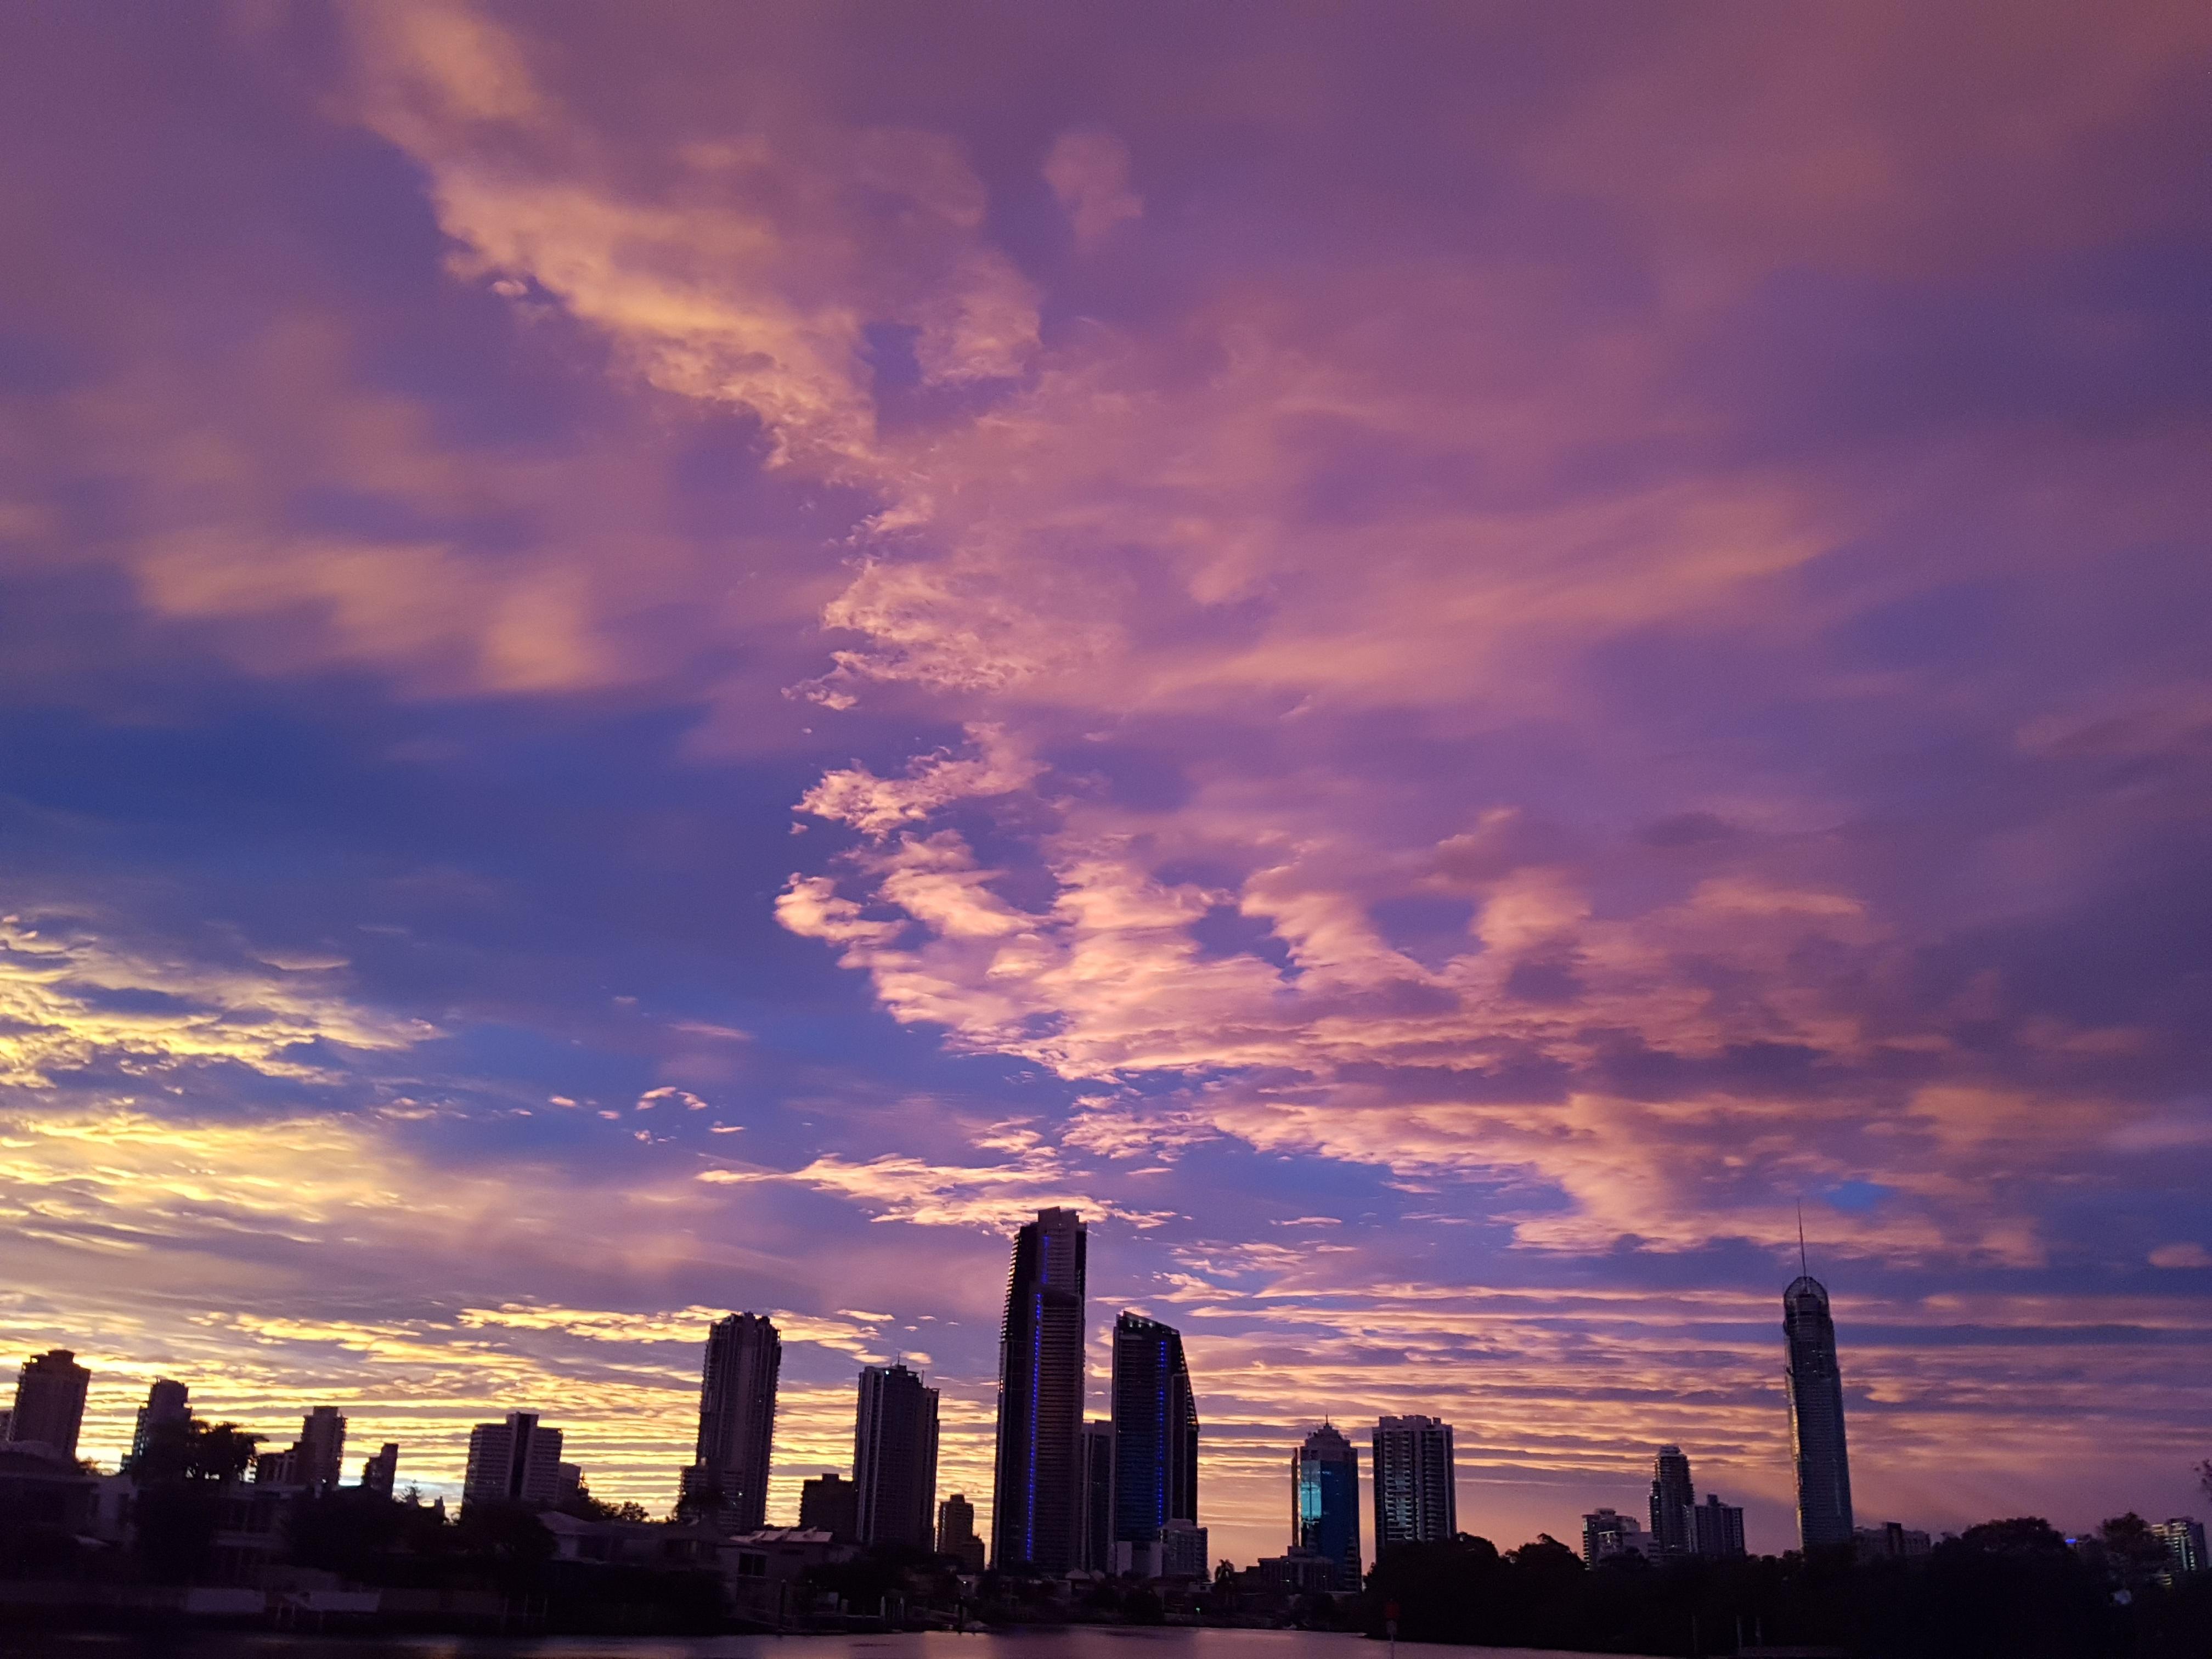 красивая картинка заката в городе вскоре